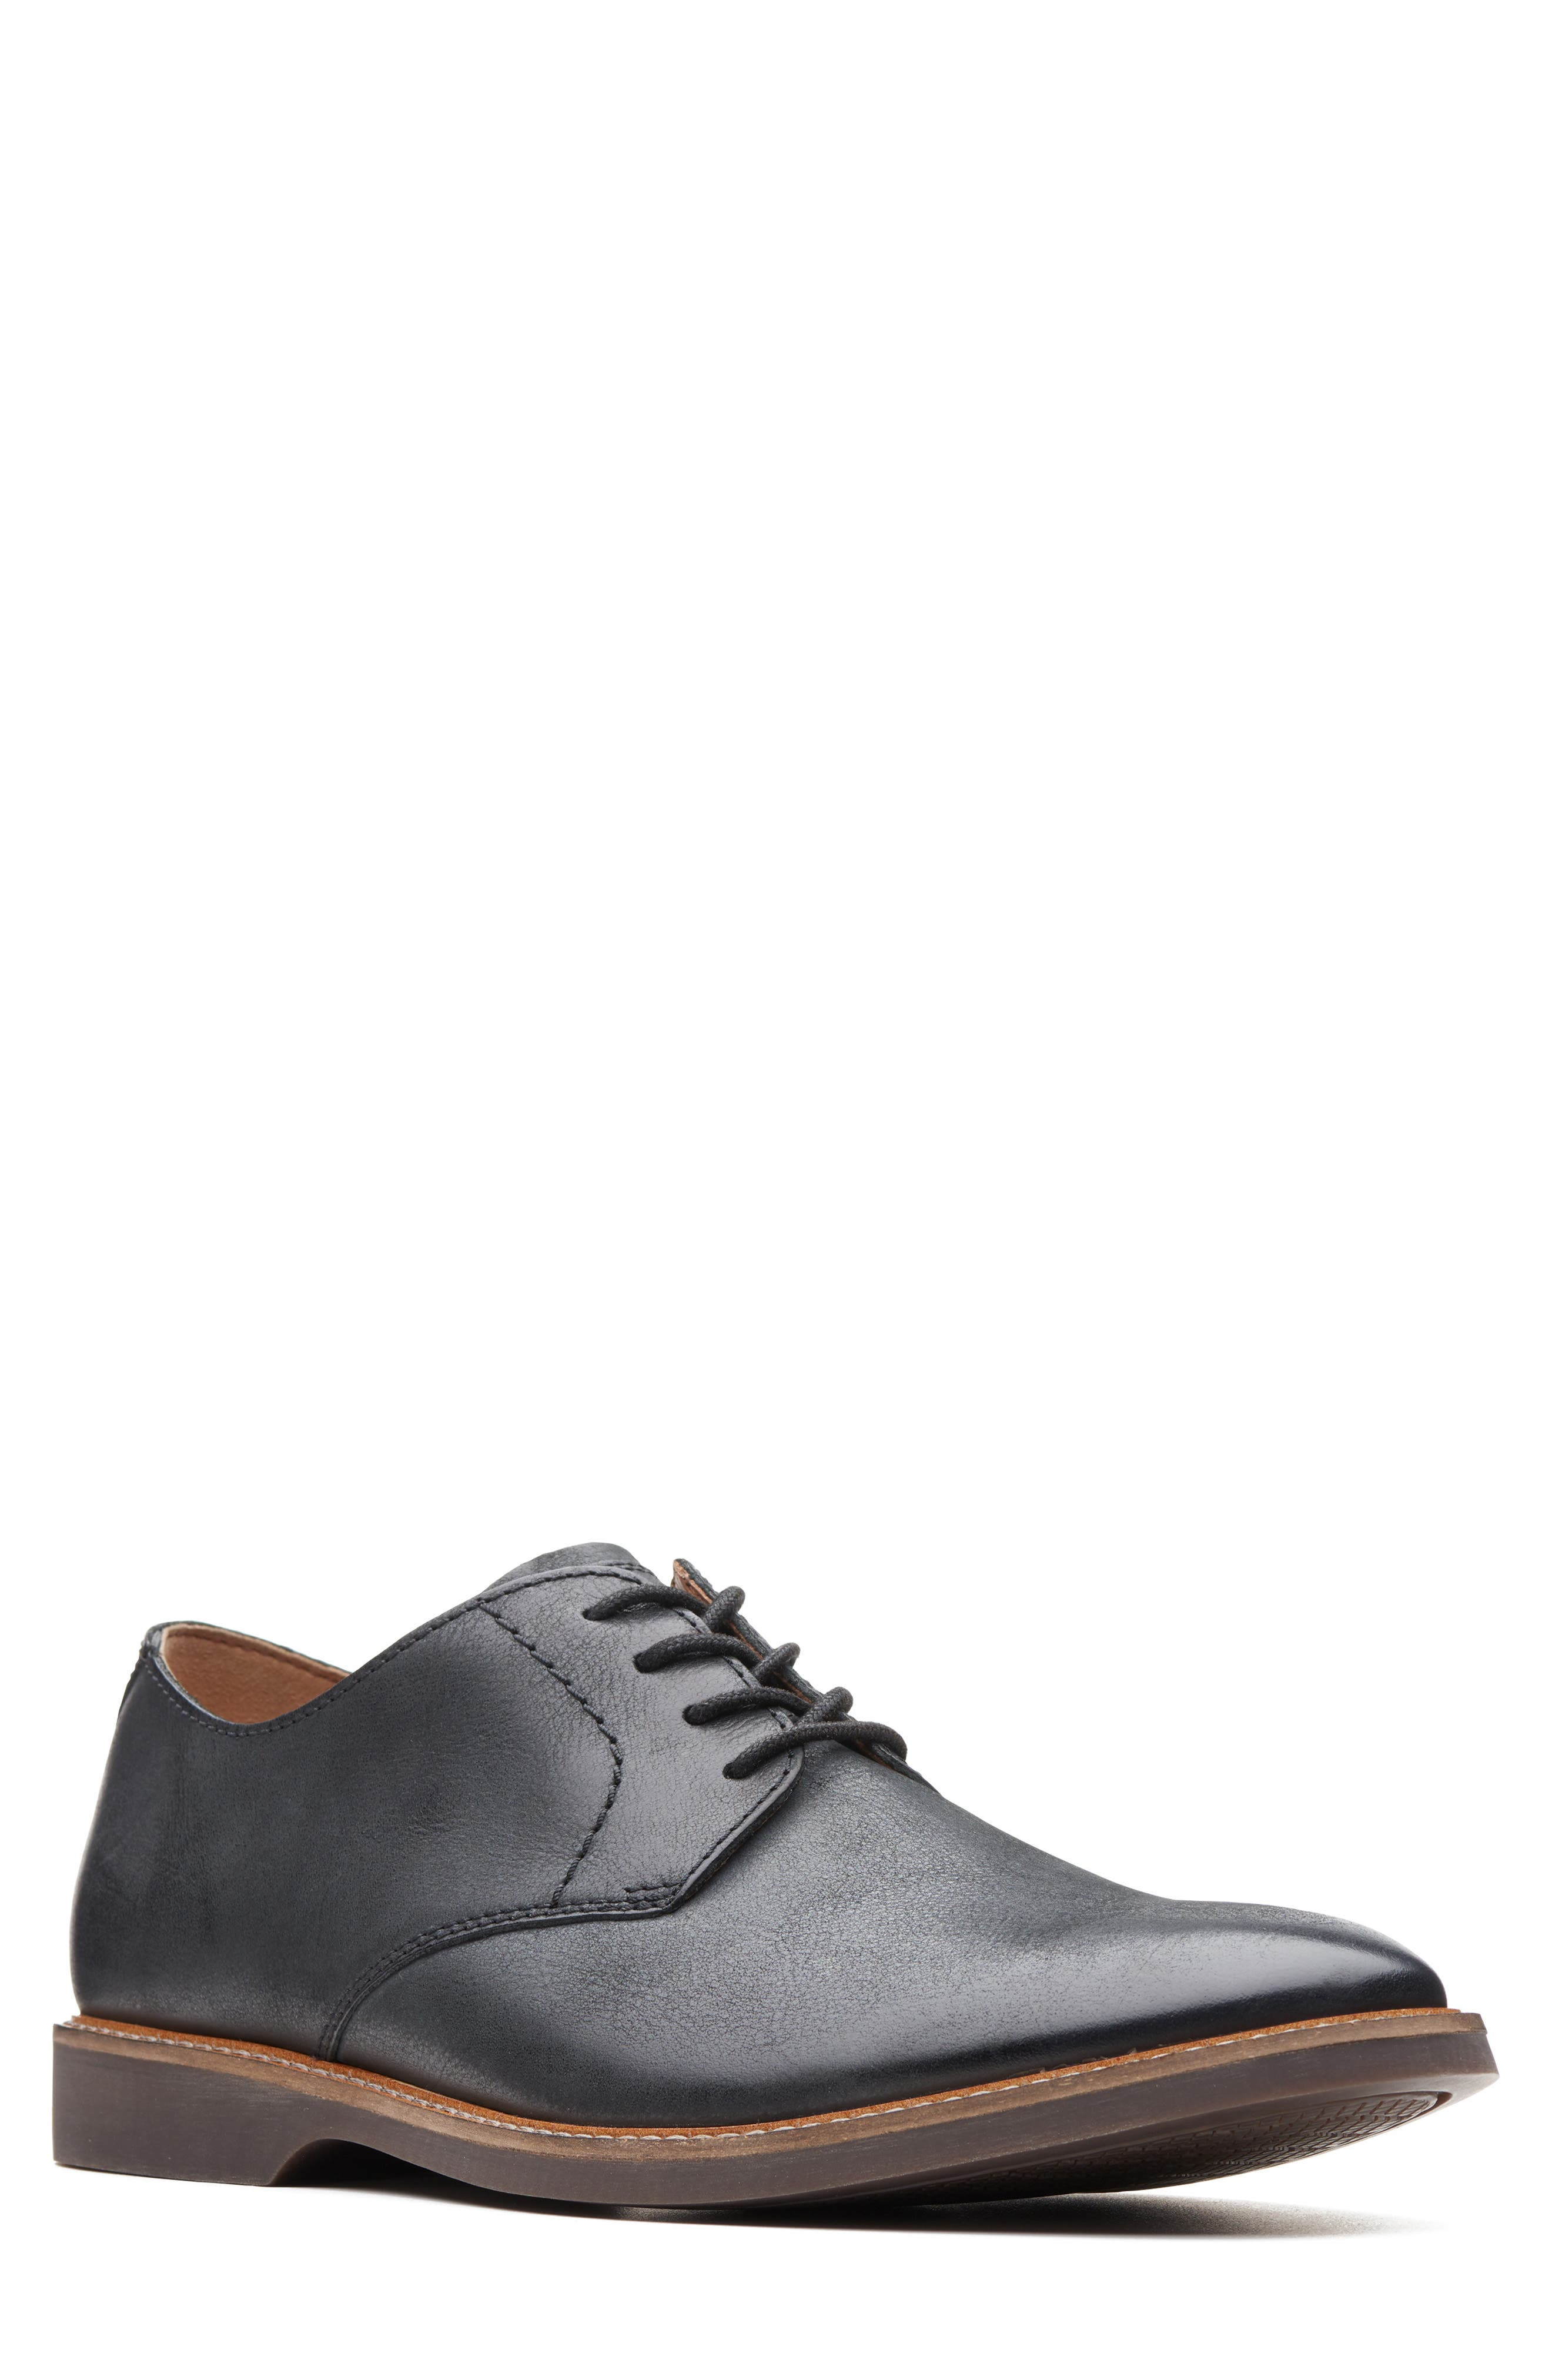 Atticus Plain Toe Derby, Main, color, BLACK LEATHER